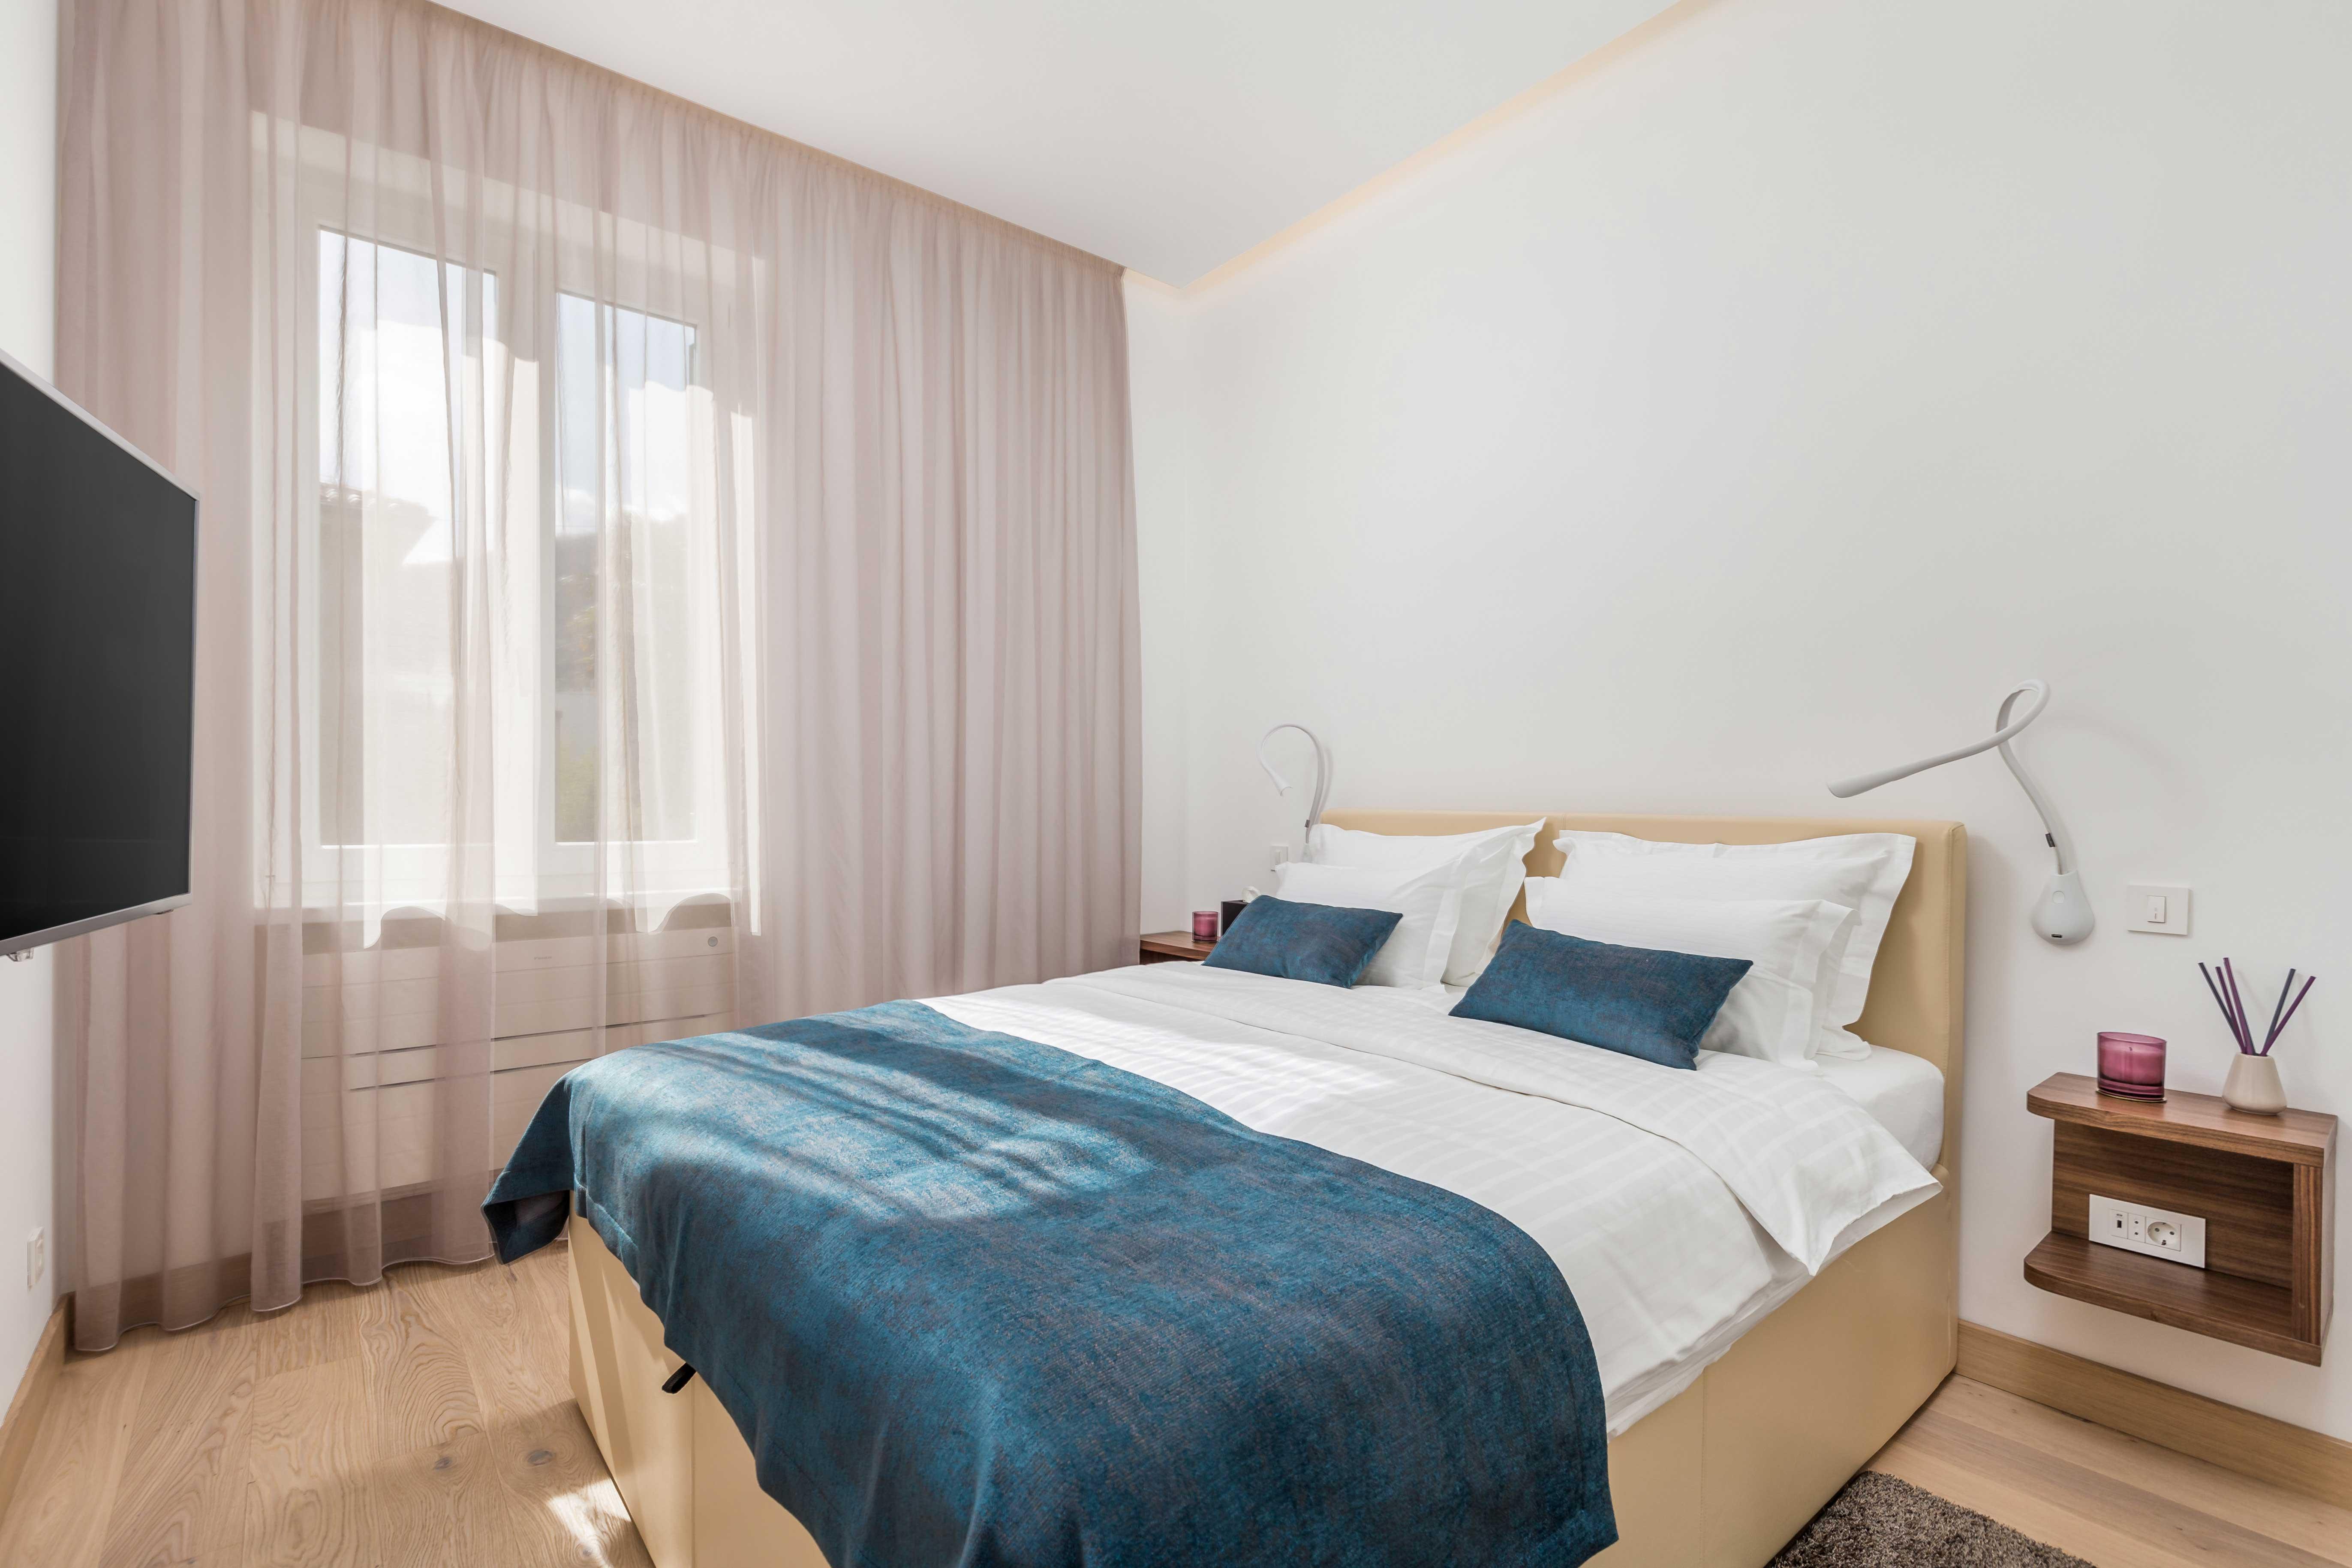 spavaća soba, bračni krevet, soba s TV-om, apartman OLA, opatija, kvarner